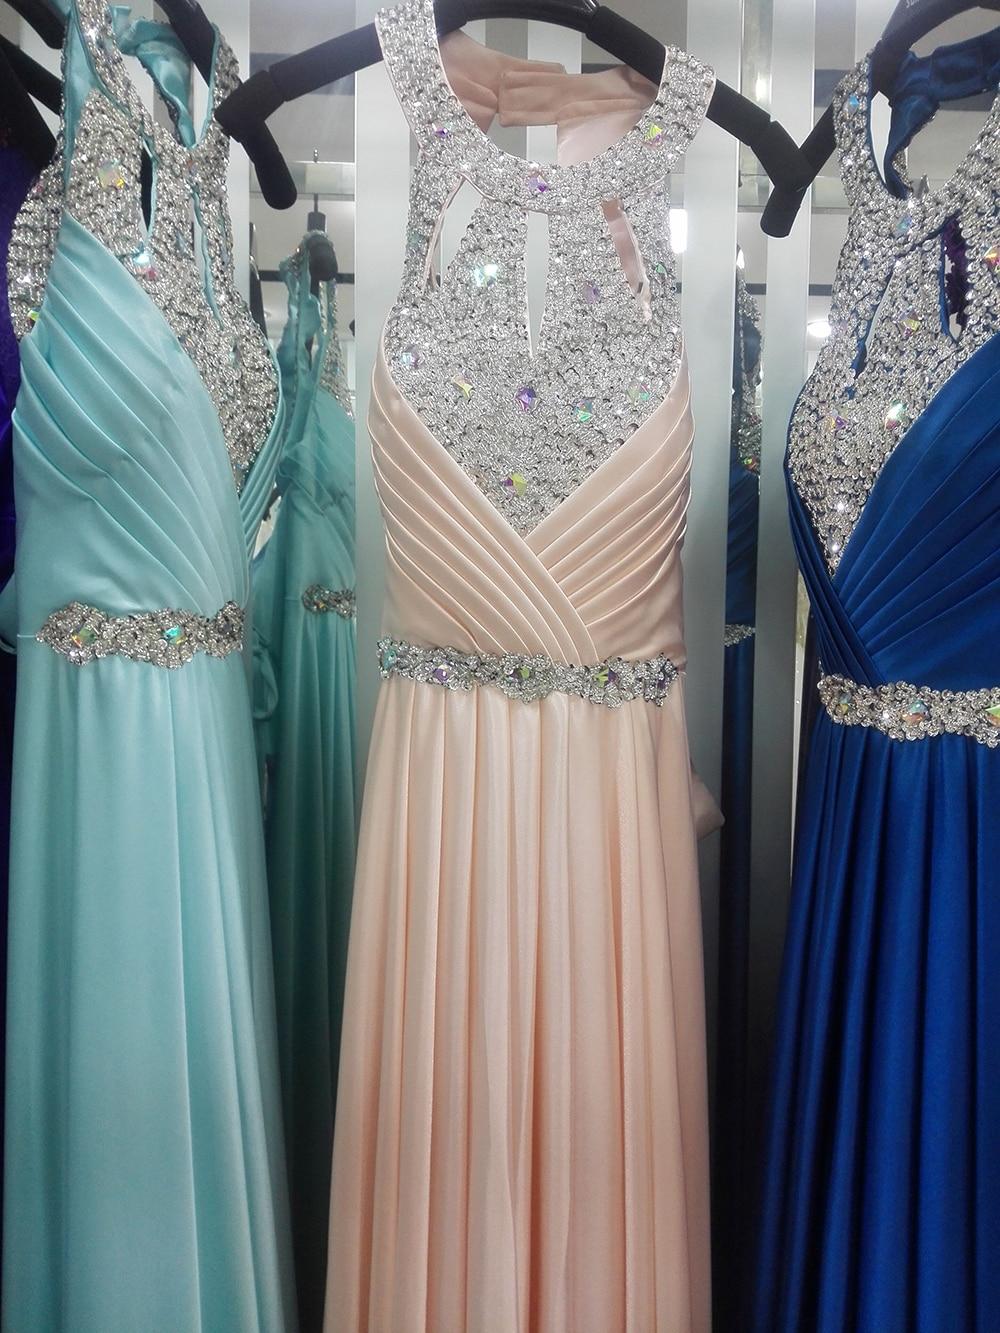 Вечернее платье,, длина до пола, сатиновые Сексуальные вечерние платья для выпускного вечера, элегантные длинные вечерние платья